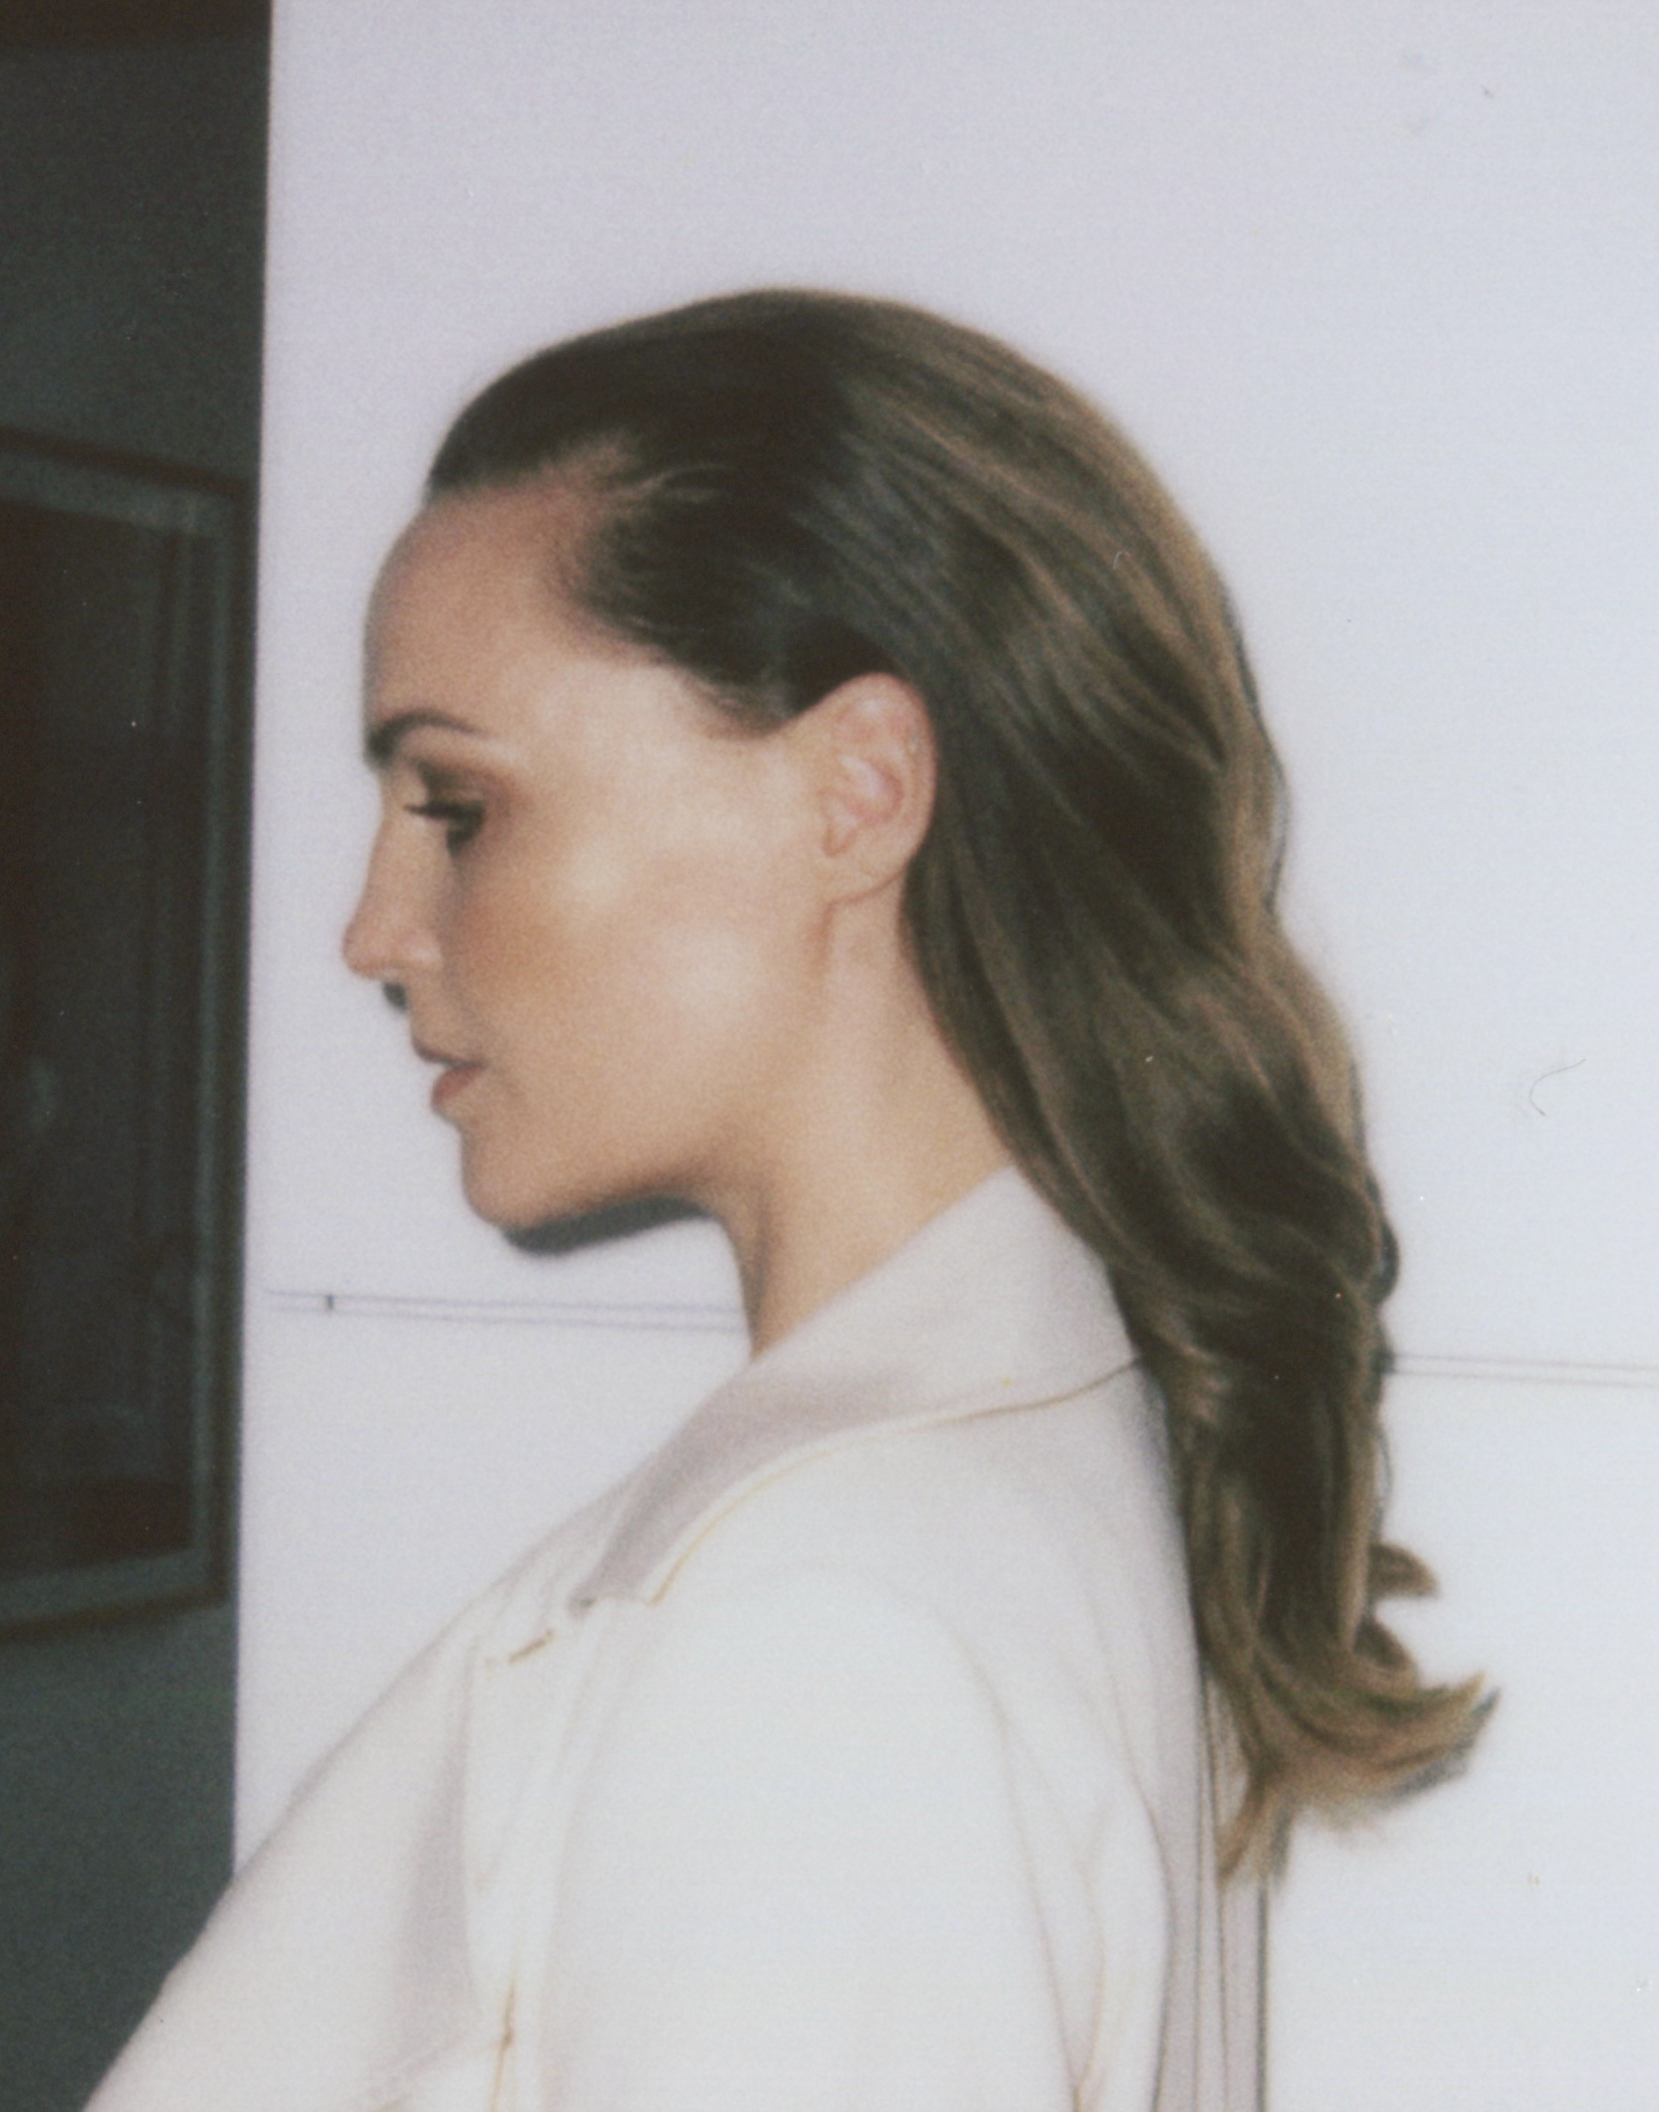 Maria Barfod - DJ Fedty